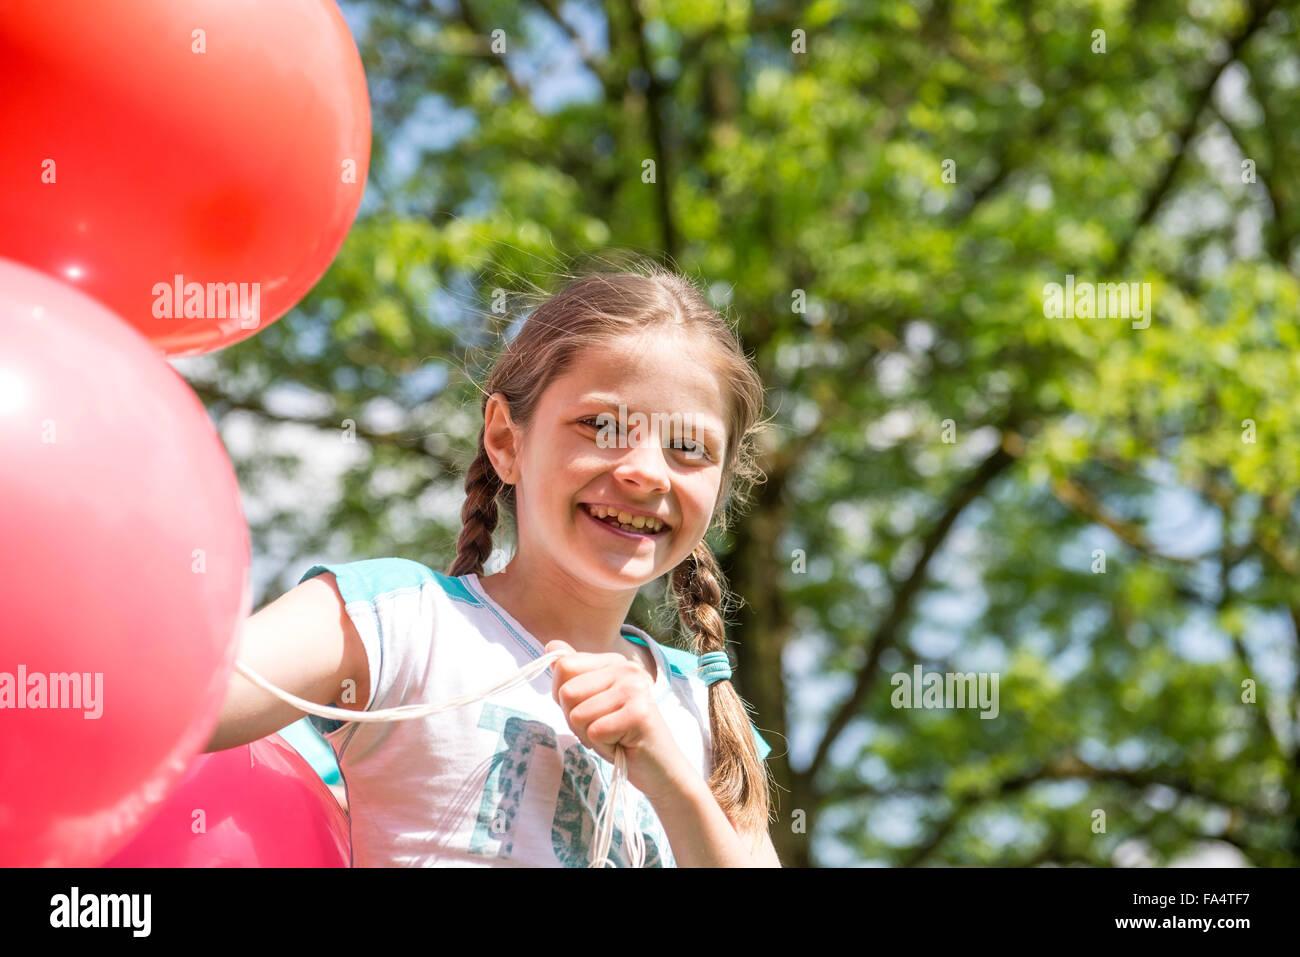 Retrato de una niña sonriente sosteniendo globos rojos, Munich, Baviera, Alemania Imagen De Stock